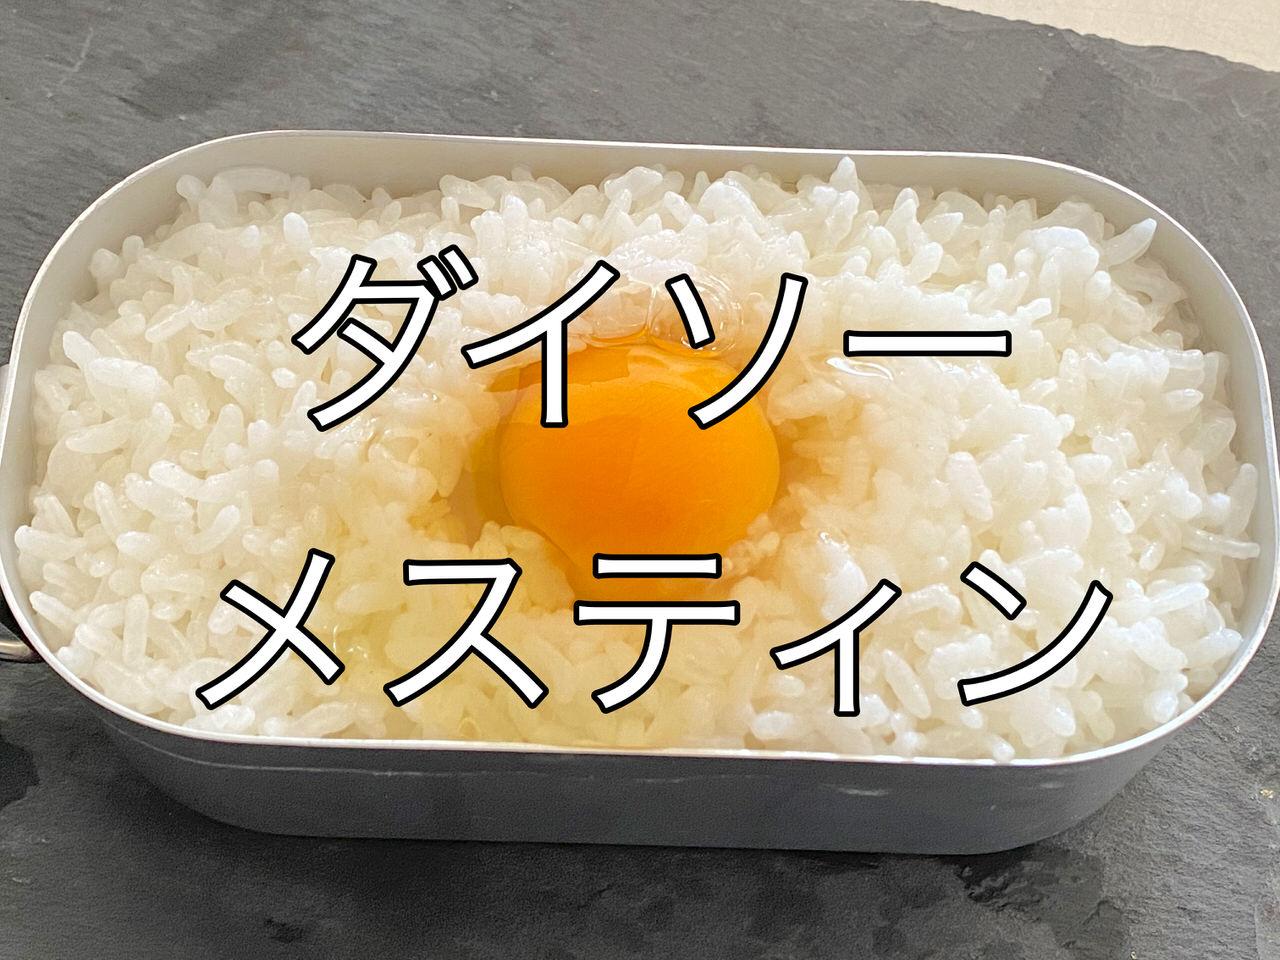 【ダイソーメスティン】シーズニングして米を炊く!至高の炊きたて卵かけご飯!